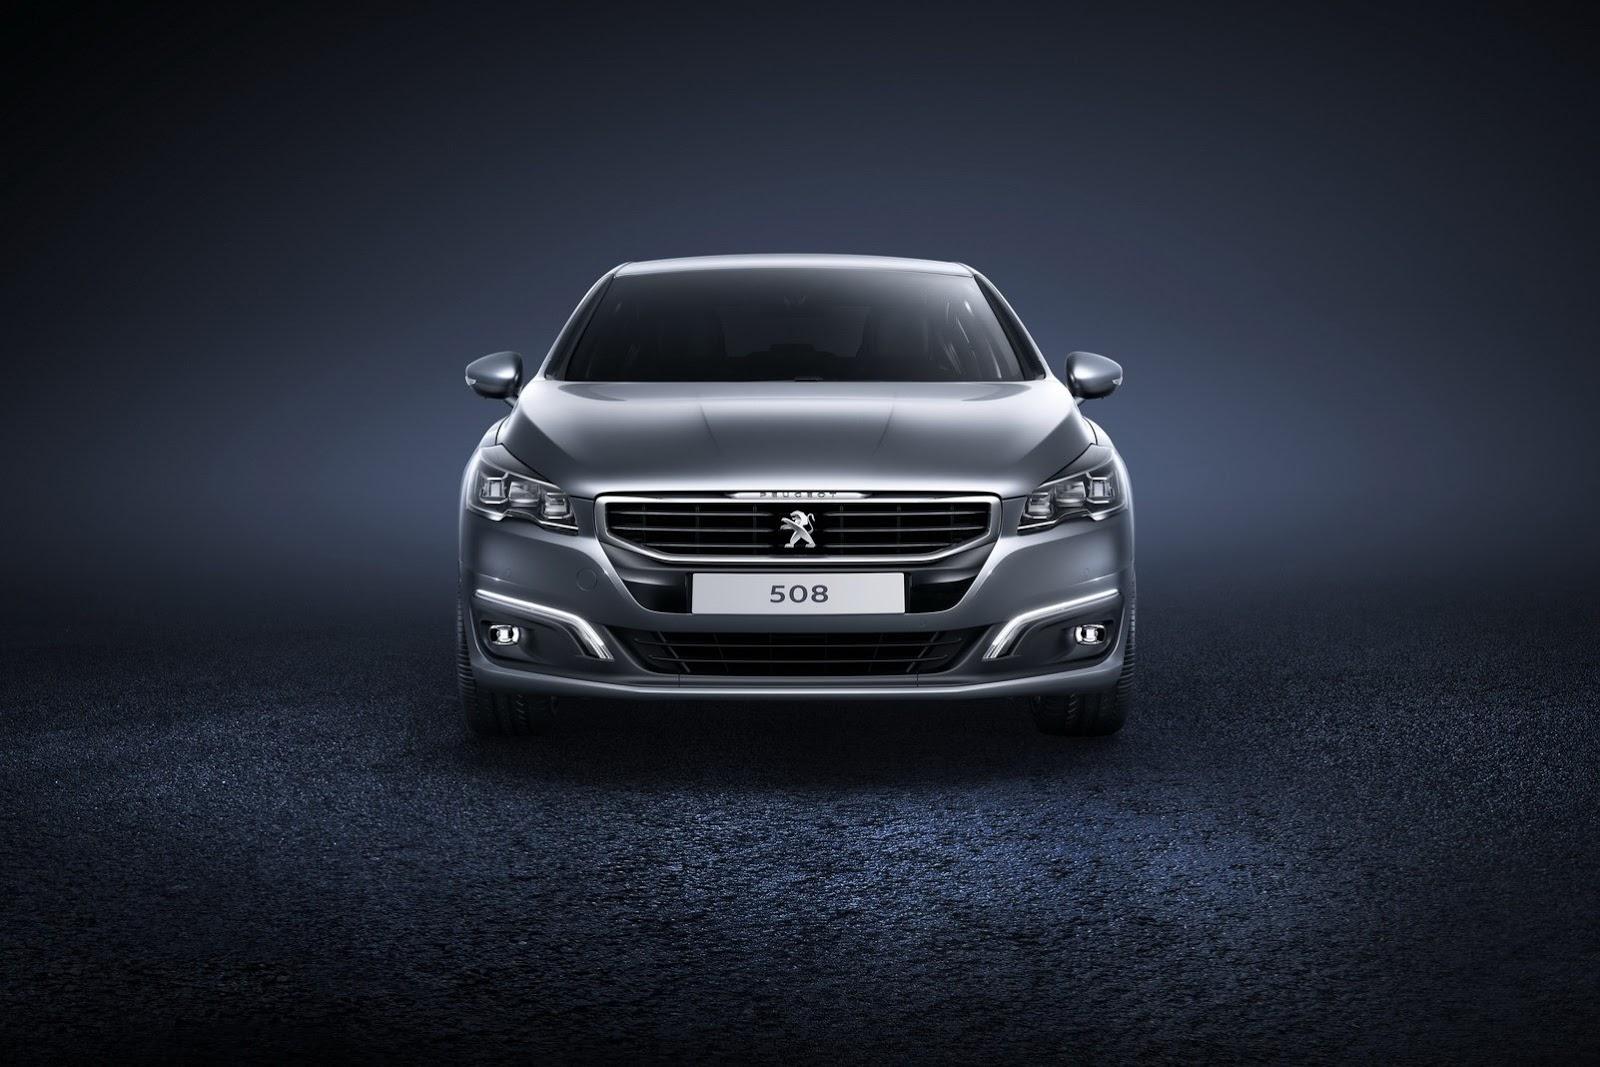 2015-Peugeot-508-4%25255B2%25255D.jpg